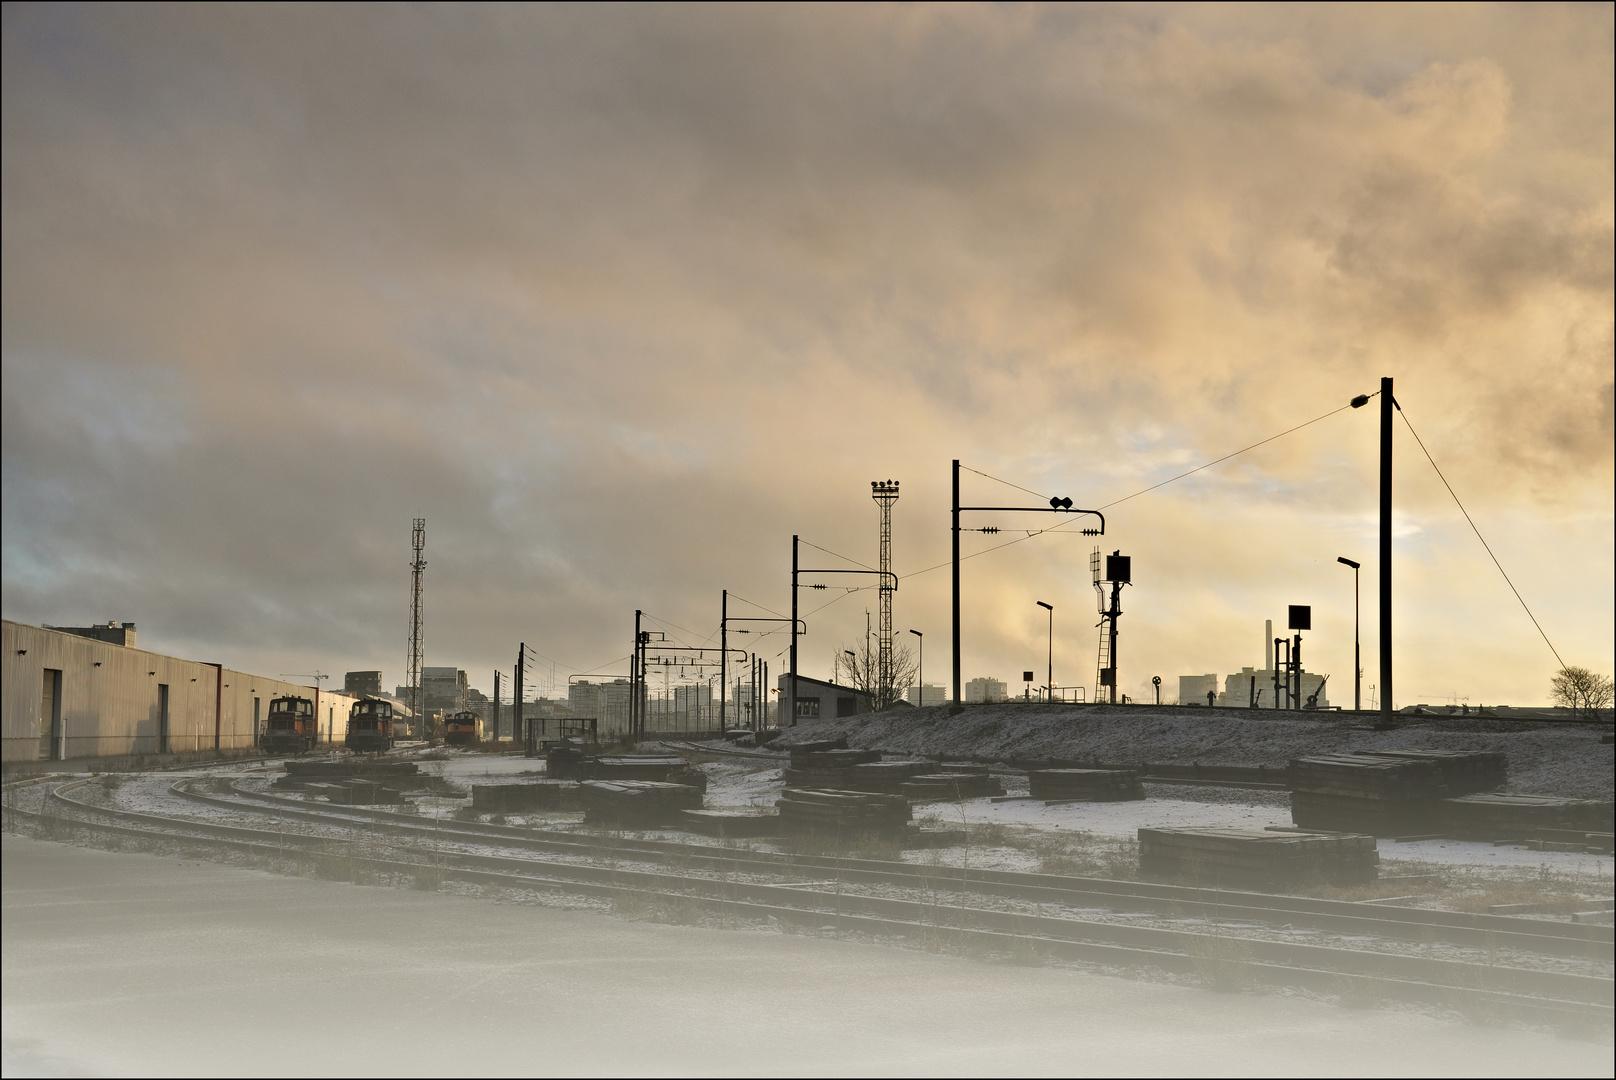 Gare d'etat de NantesII